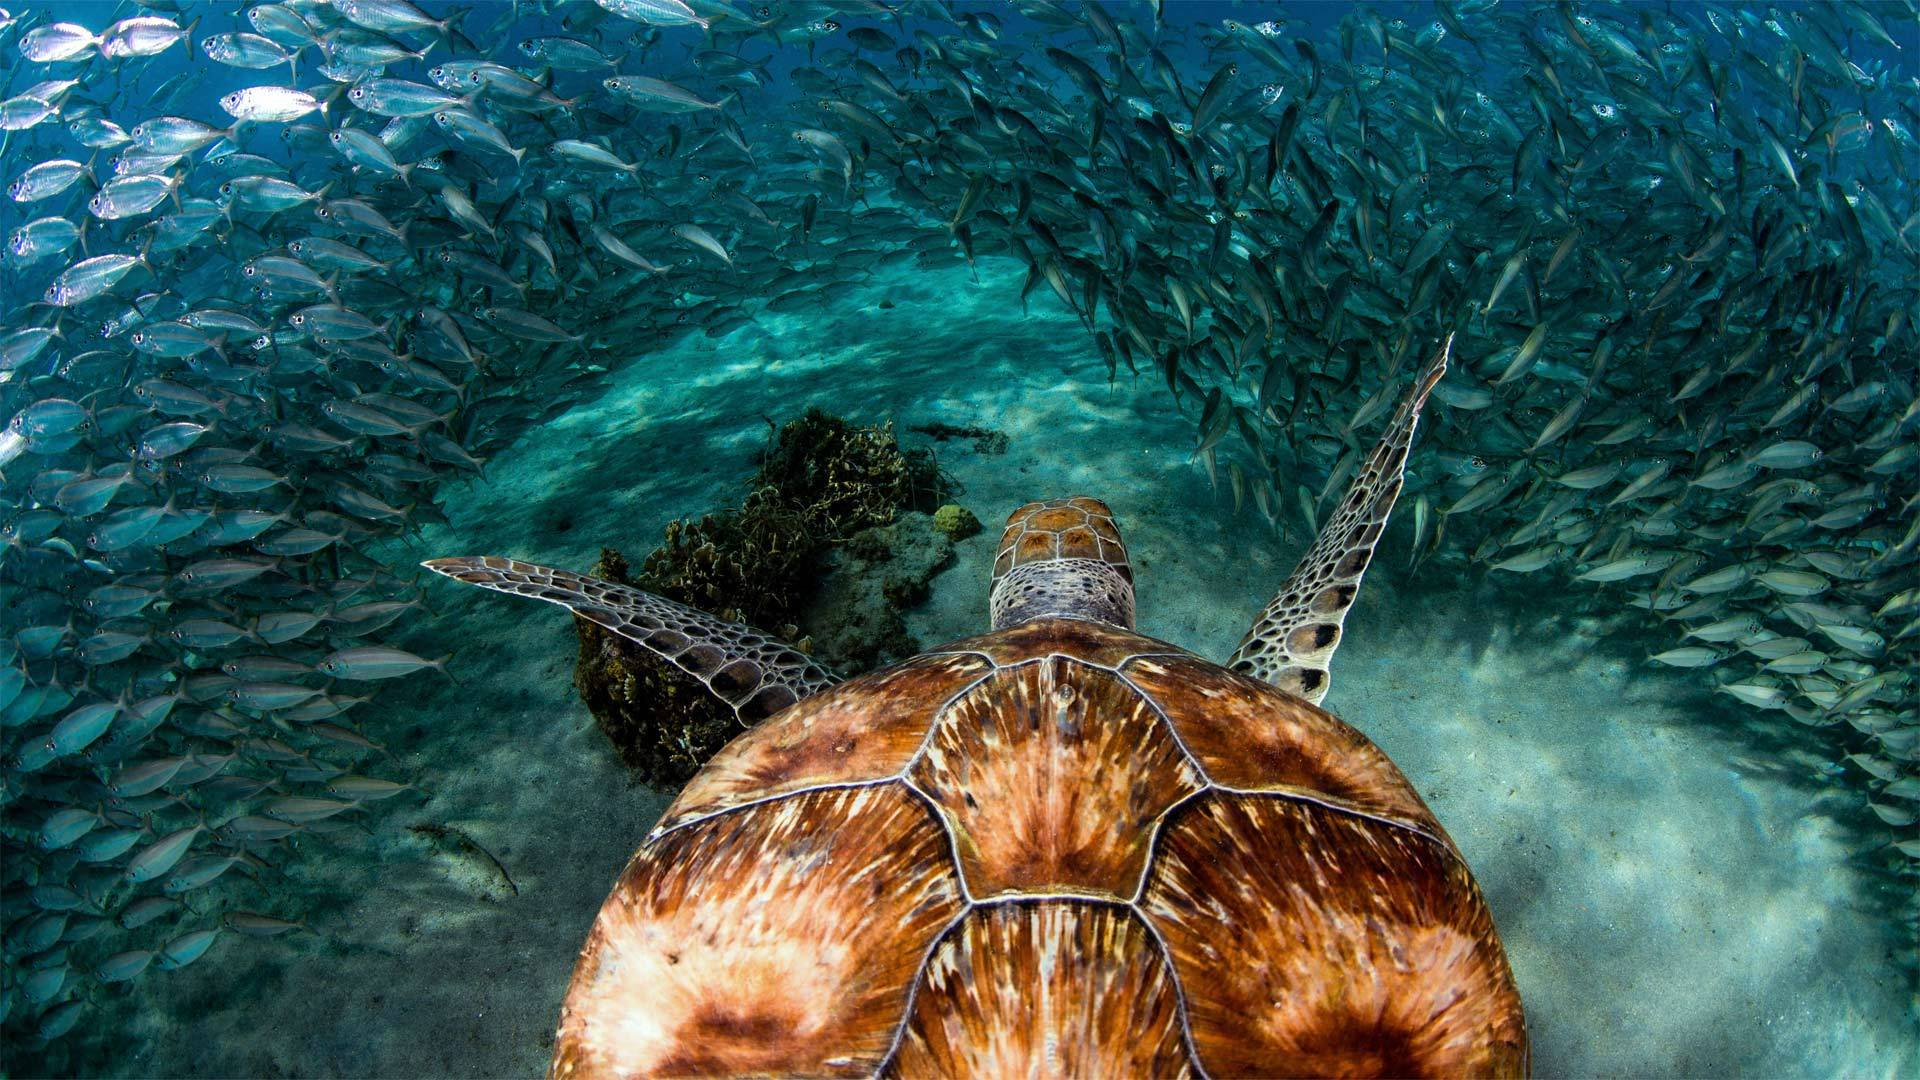 库拉索普拉亚格兰迪海滩附近的绿海龟和沙丁鱼